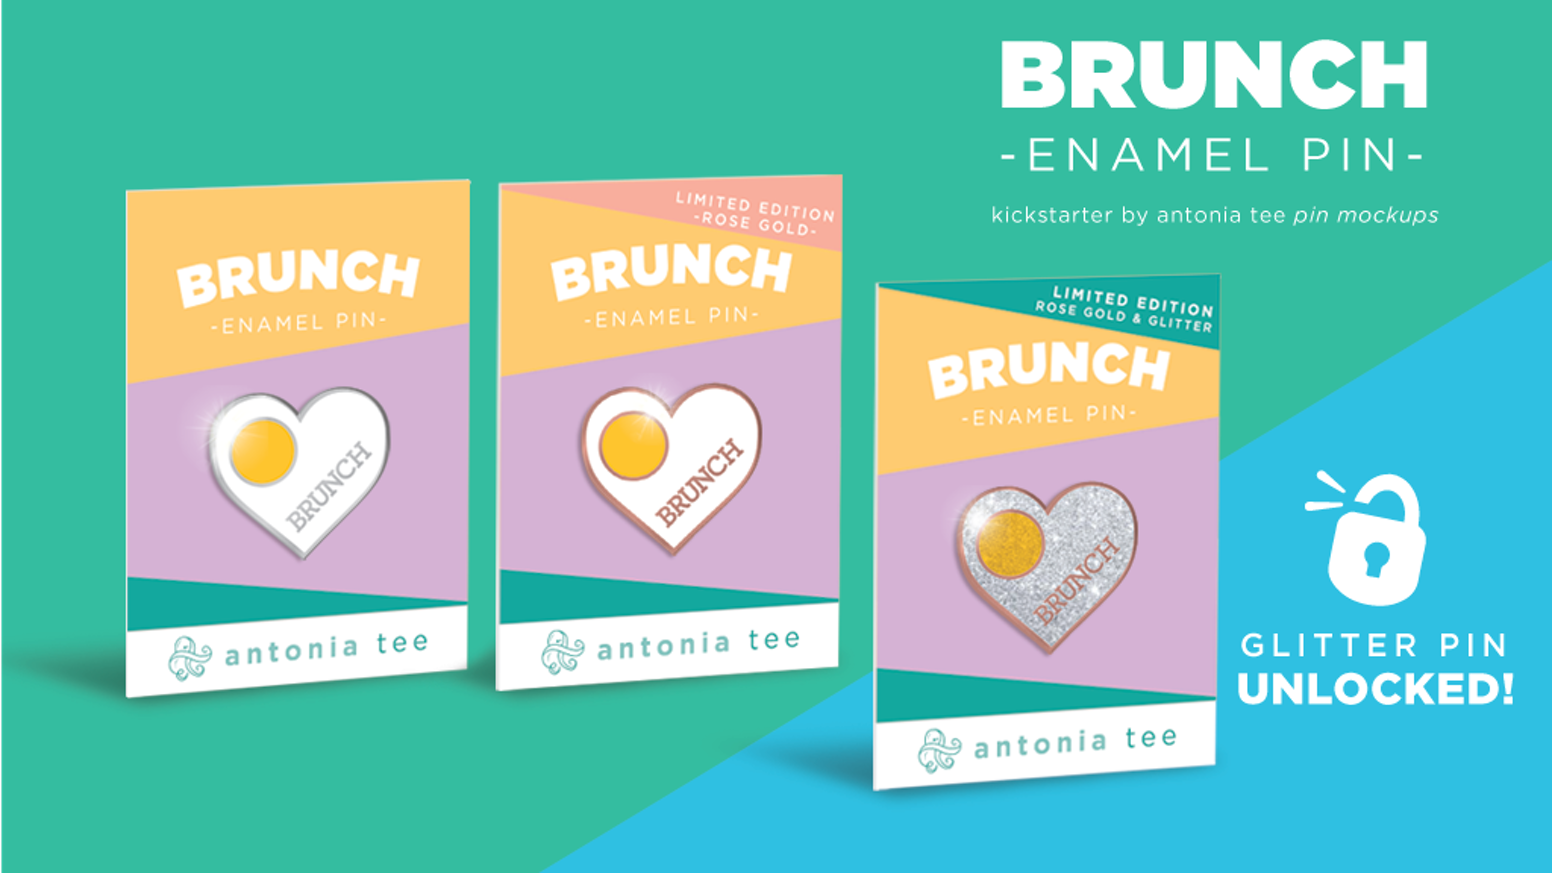 Brunch Enamel Pin by Antonia Taggart — Kickstarter